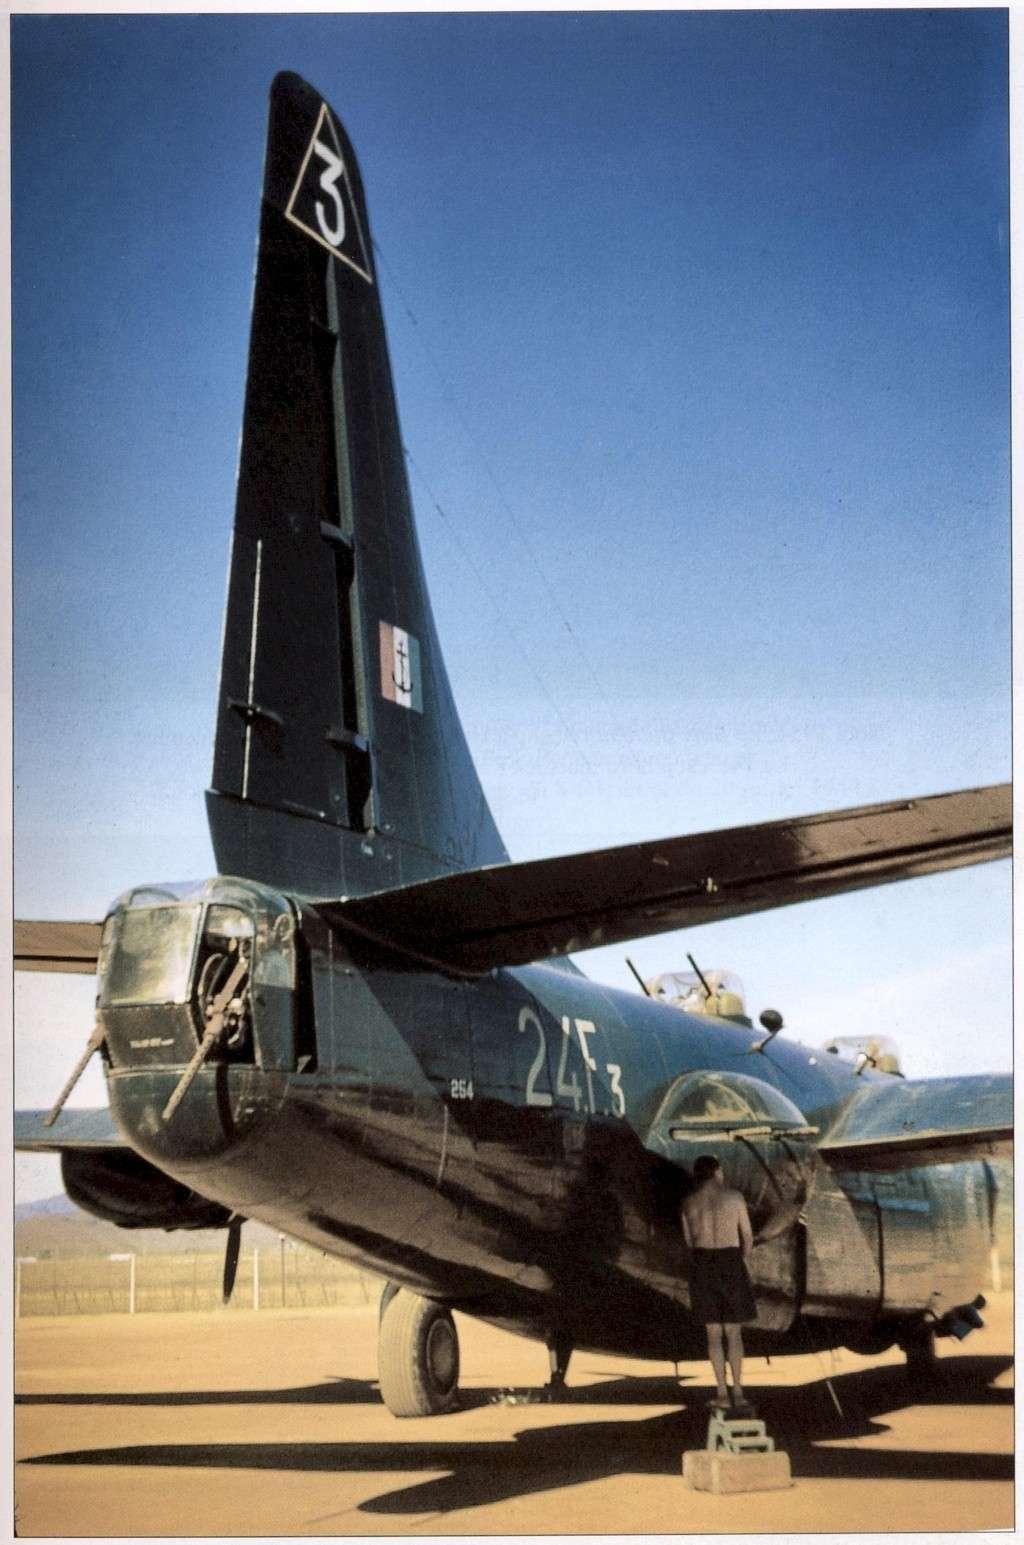 [Les anciens avions de l'aéro] Consolidated PB4Y-2 Privateer 00221